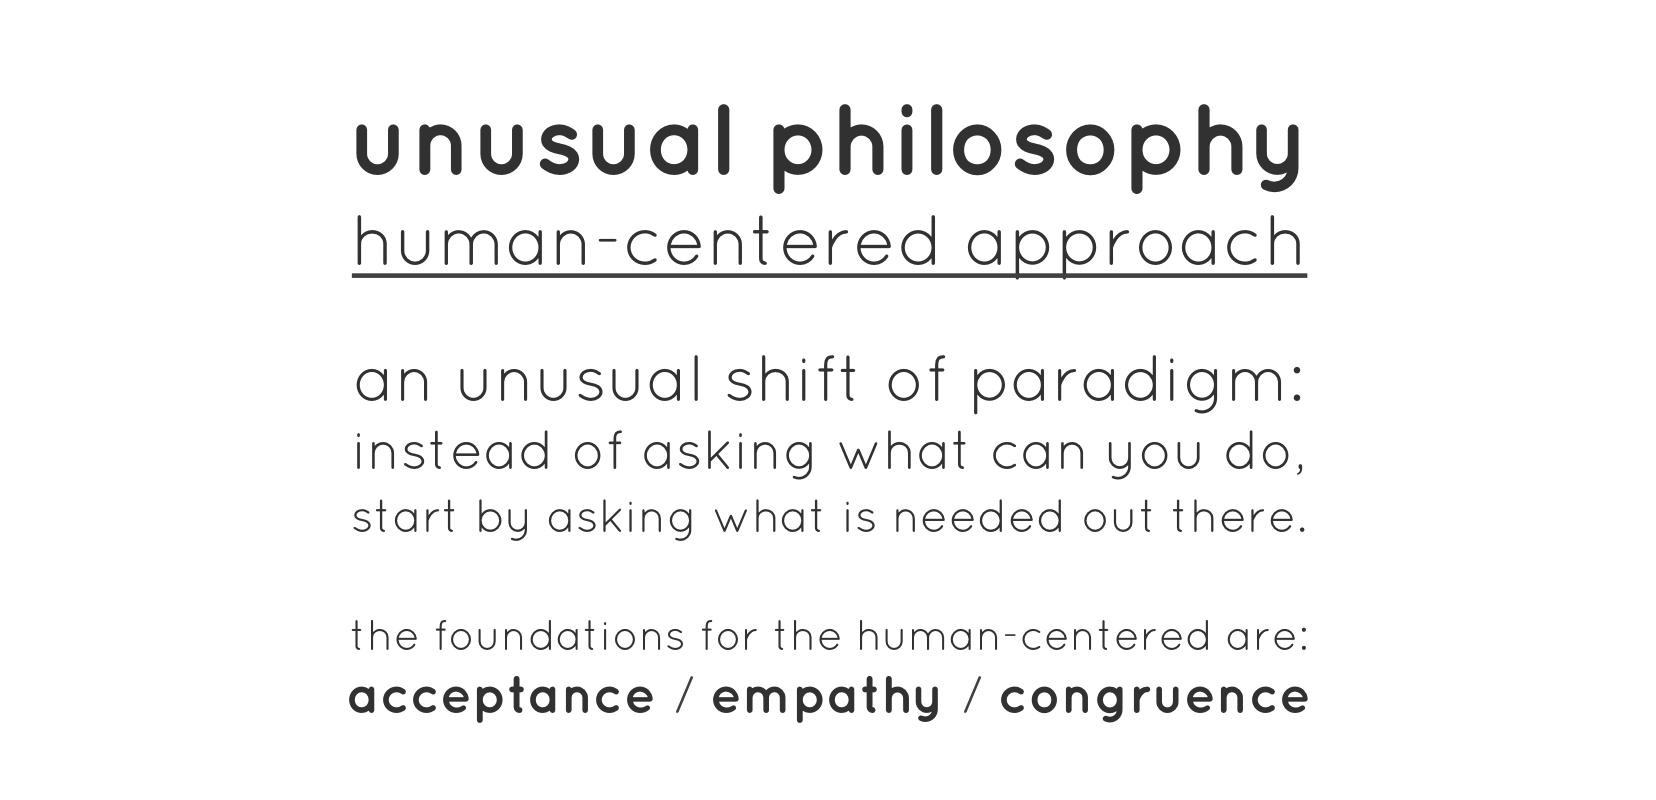 human-centered approach